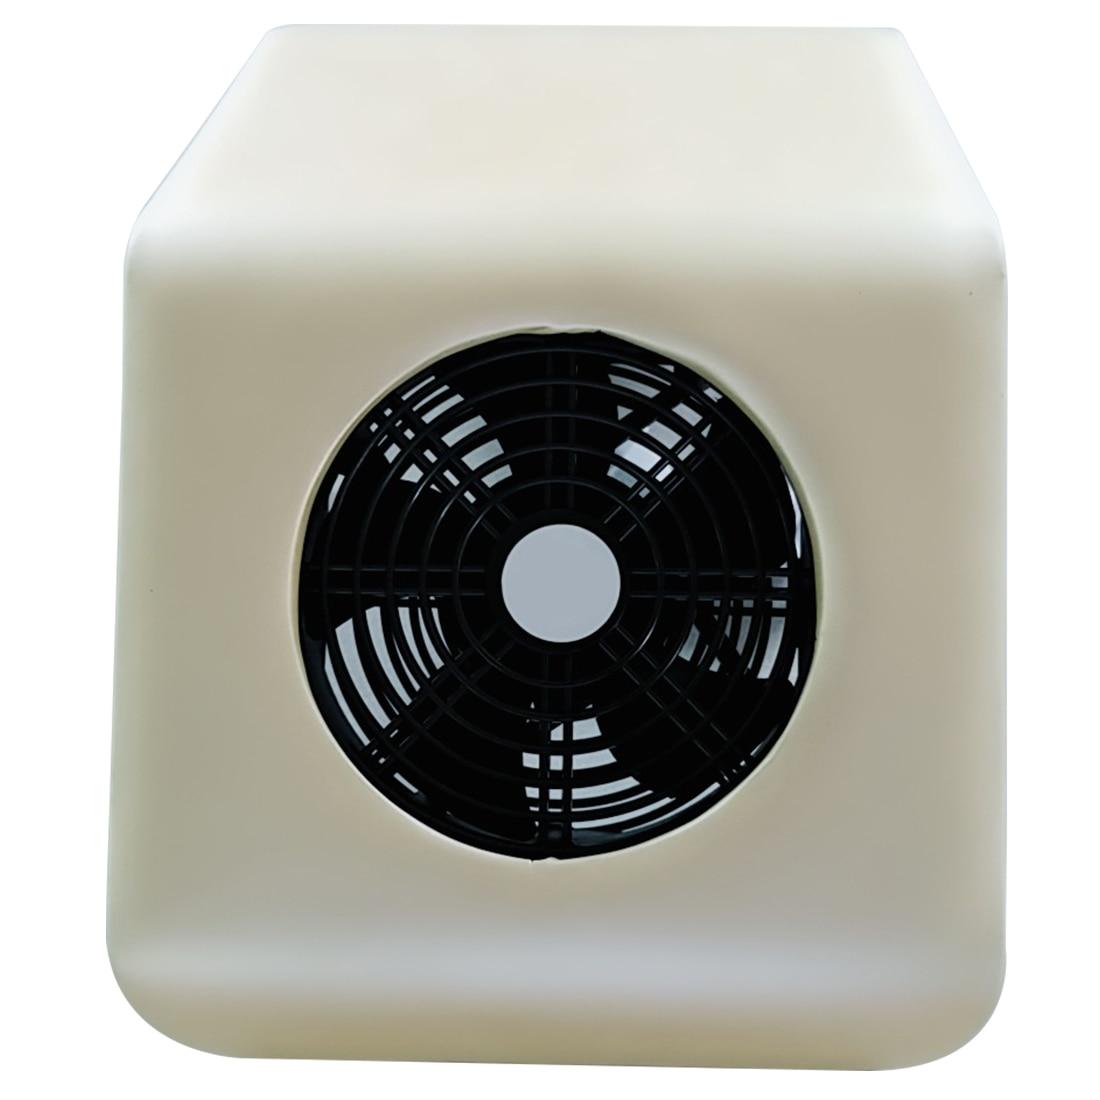 30 w Haute Qualité 220 v/110 v Nail Collecteur de Poussière Nail Fan Acrylique UV Gel Sèche Linge Art salon Aspiration Collecteur de Poussière Vide